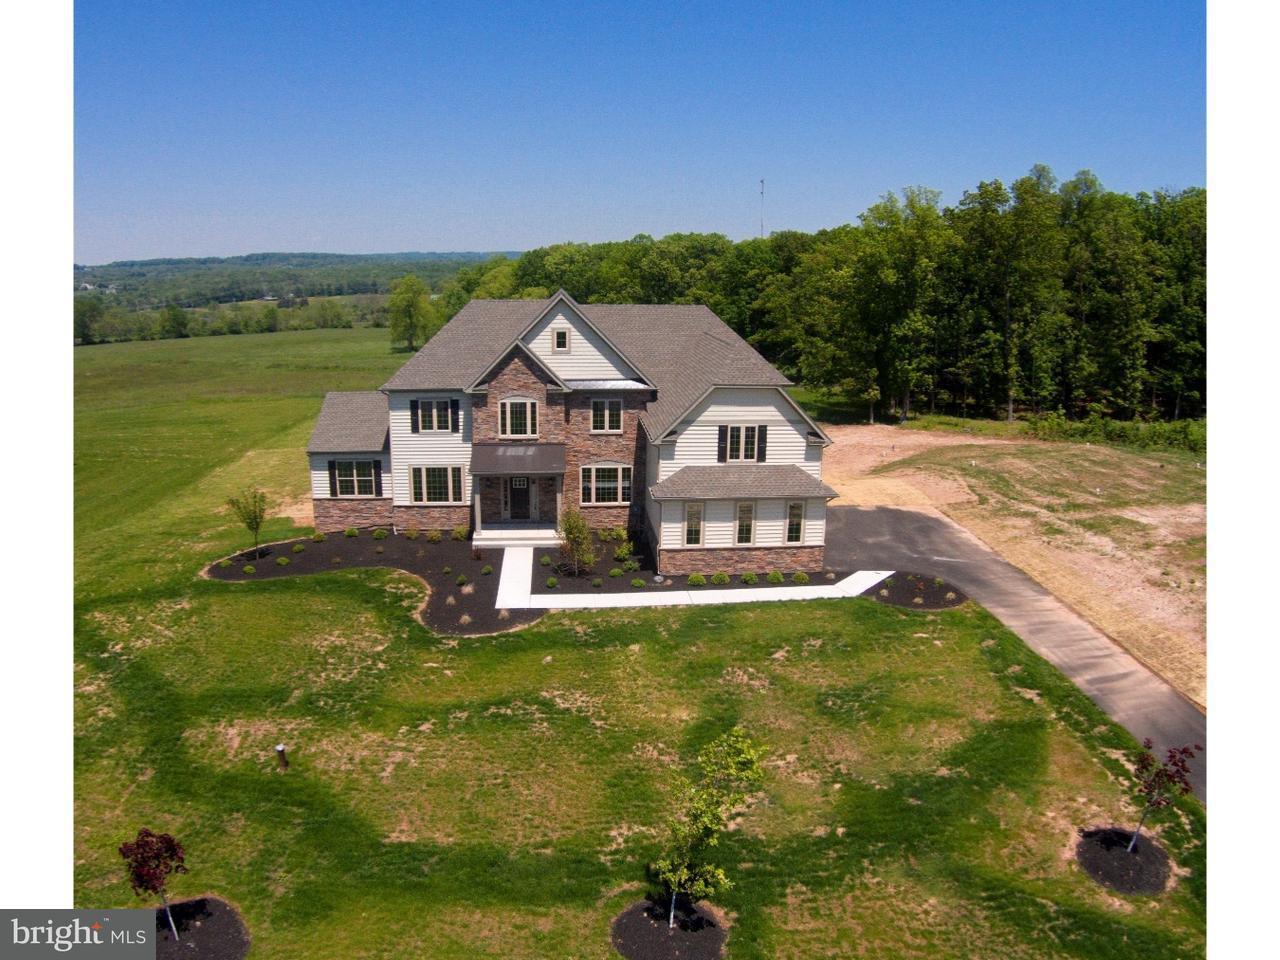 独户住宅 为 销售 在 6 HOLCOMBE GROVE Road 兰伯特维尔, 新泽西州 08530 美国在/周边: West Amwell Township